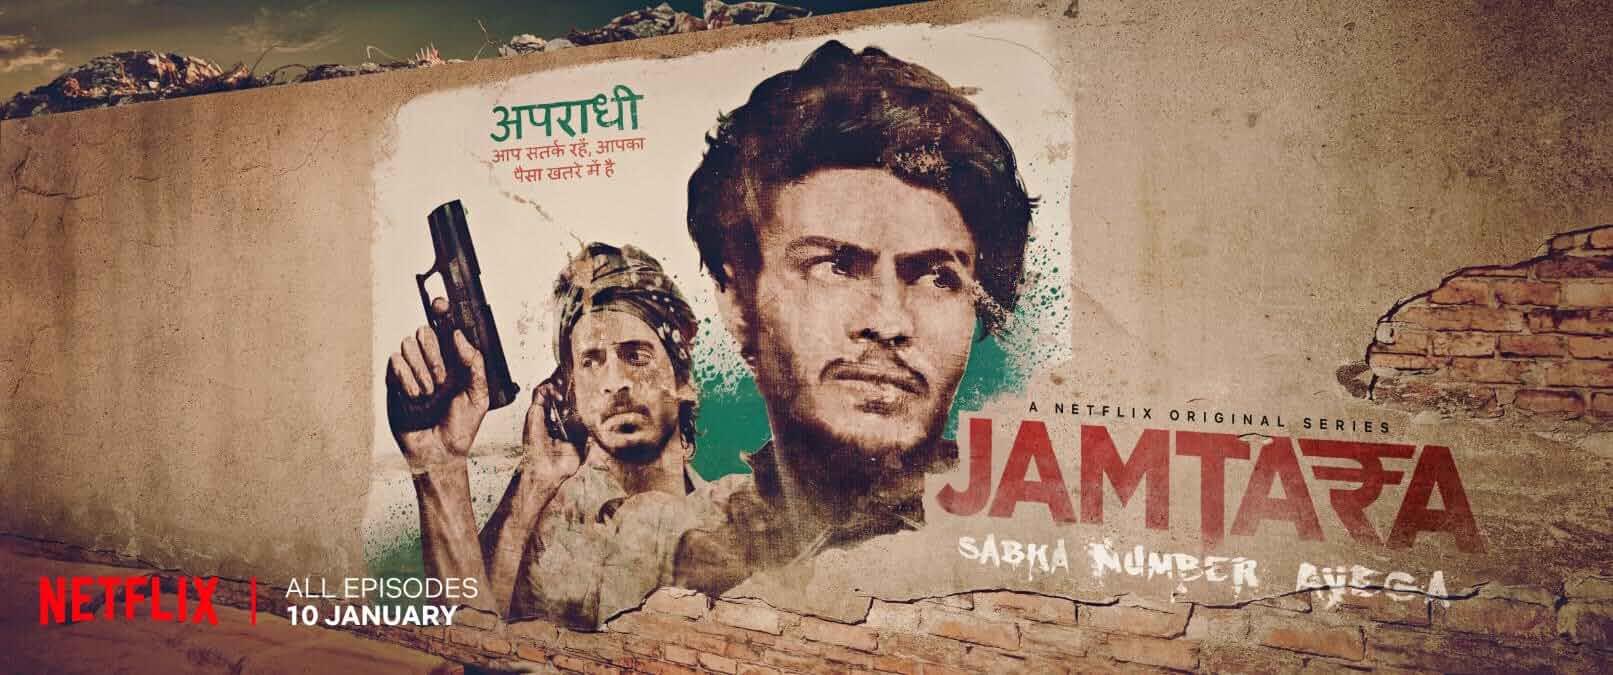 Jamtara web series download